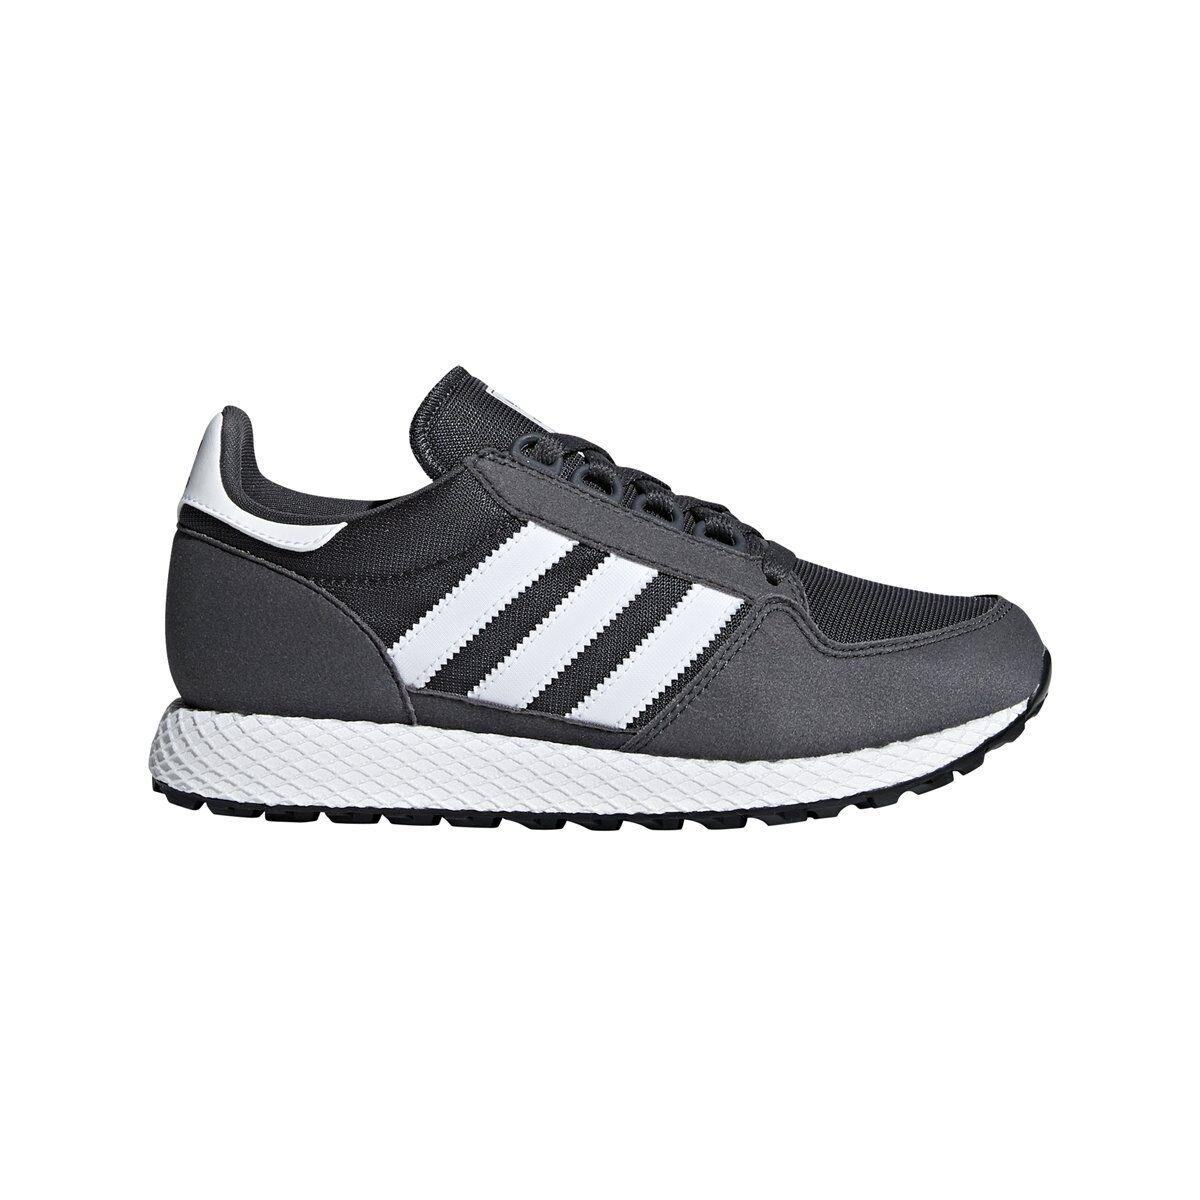 Adidas Schuhe Turnschuhe Forest Grove J CG6798 Grau Damen Tunrschuhe div. Größen